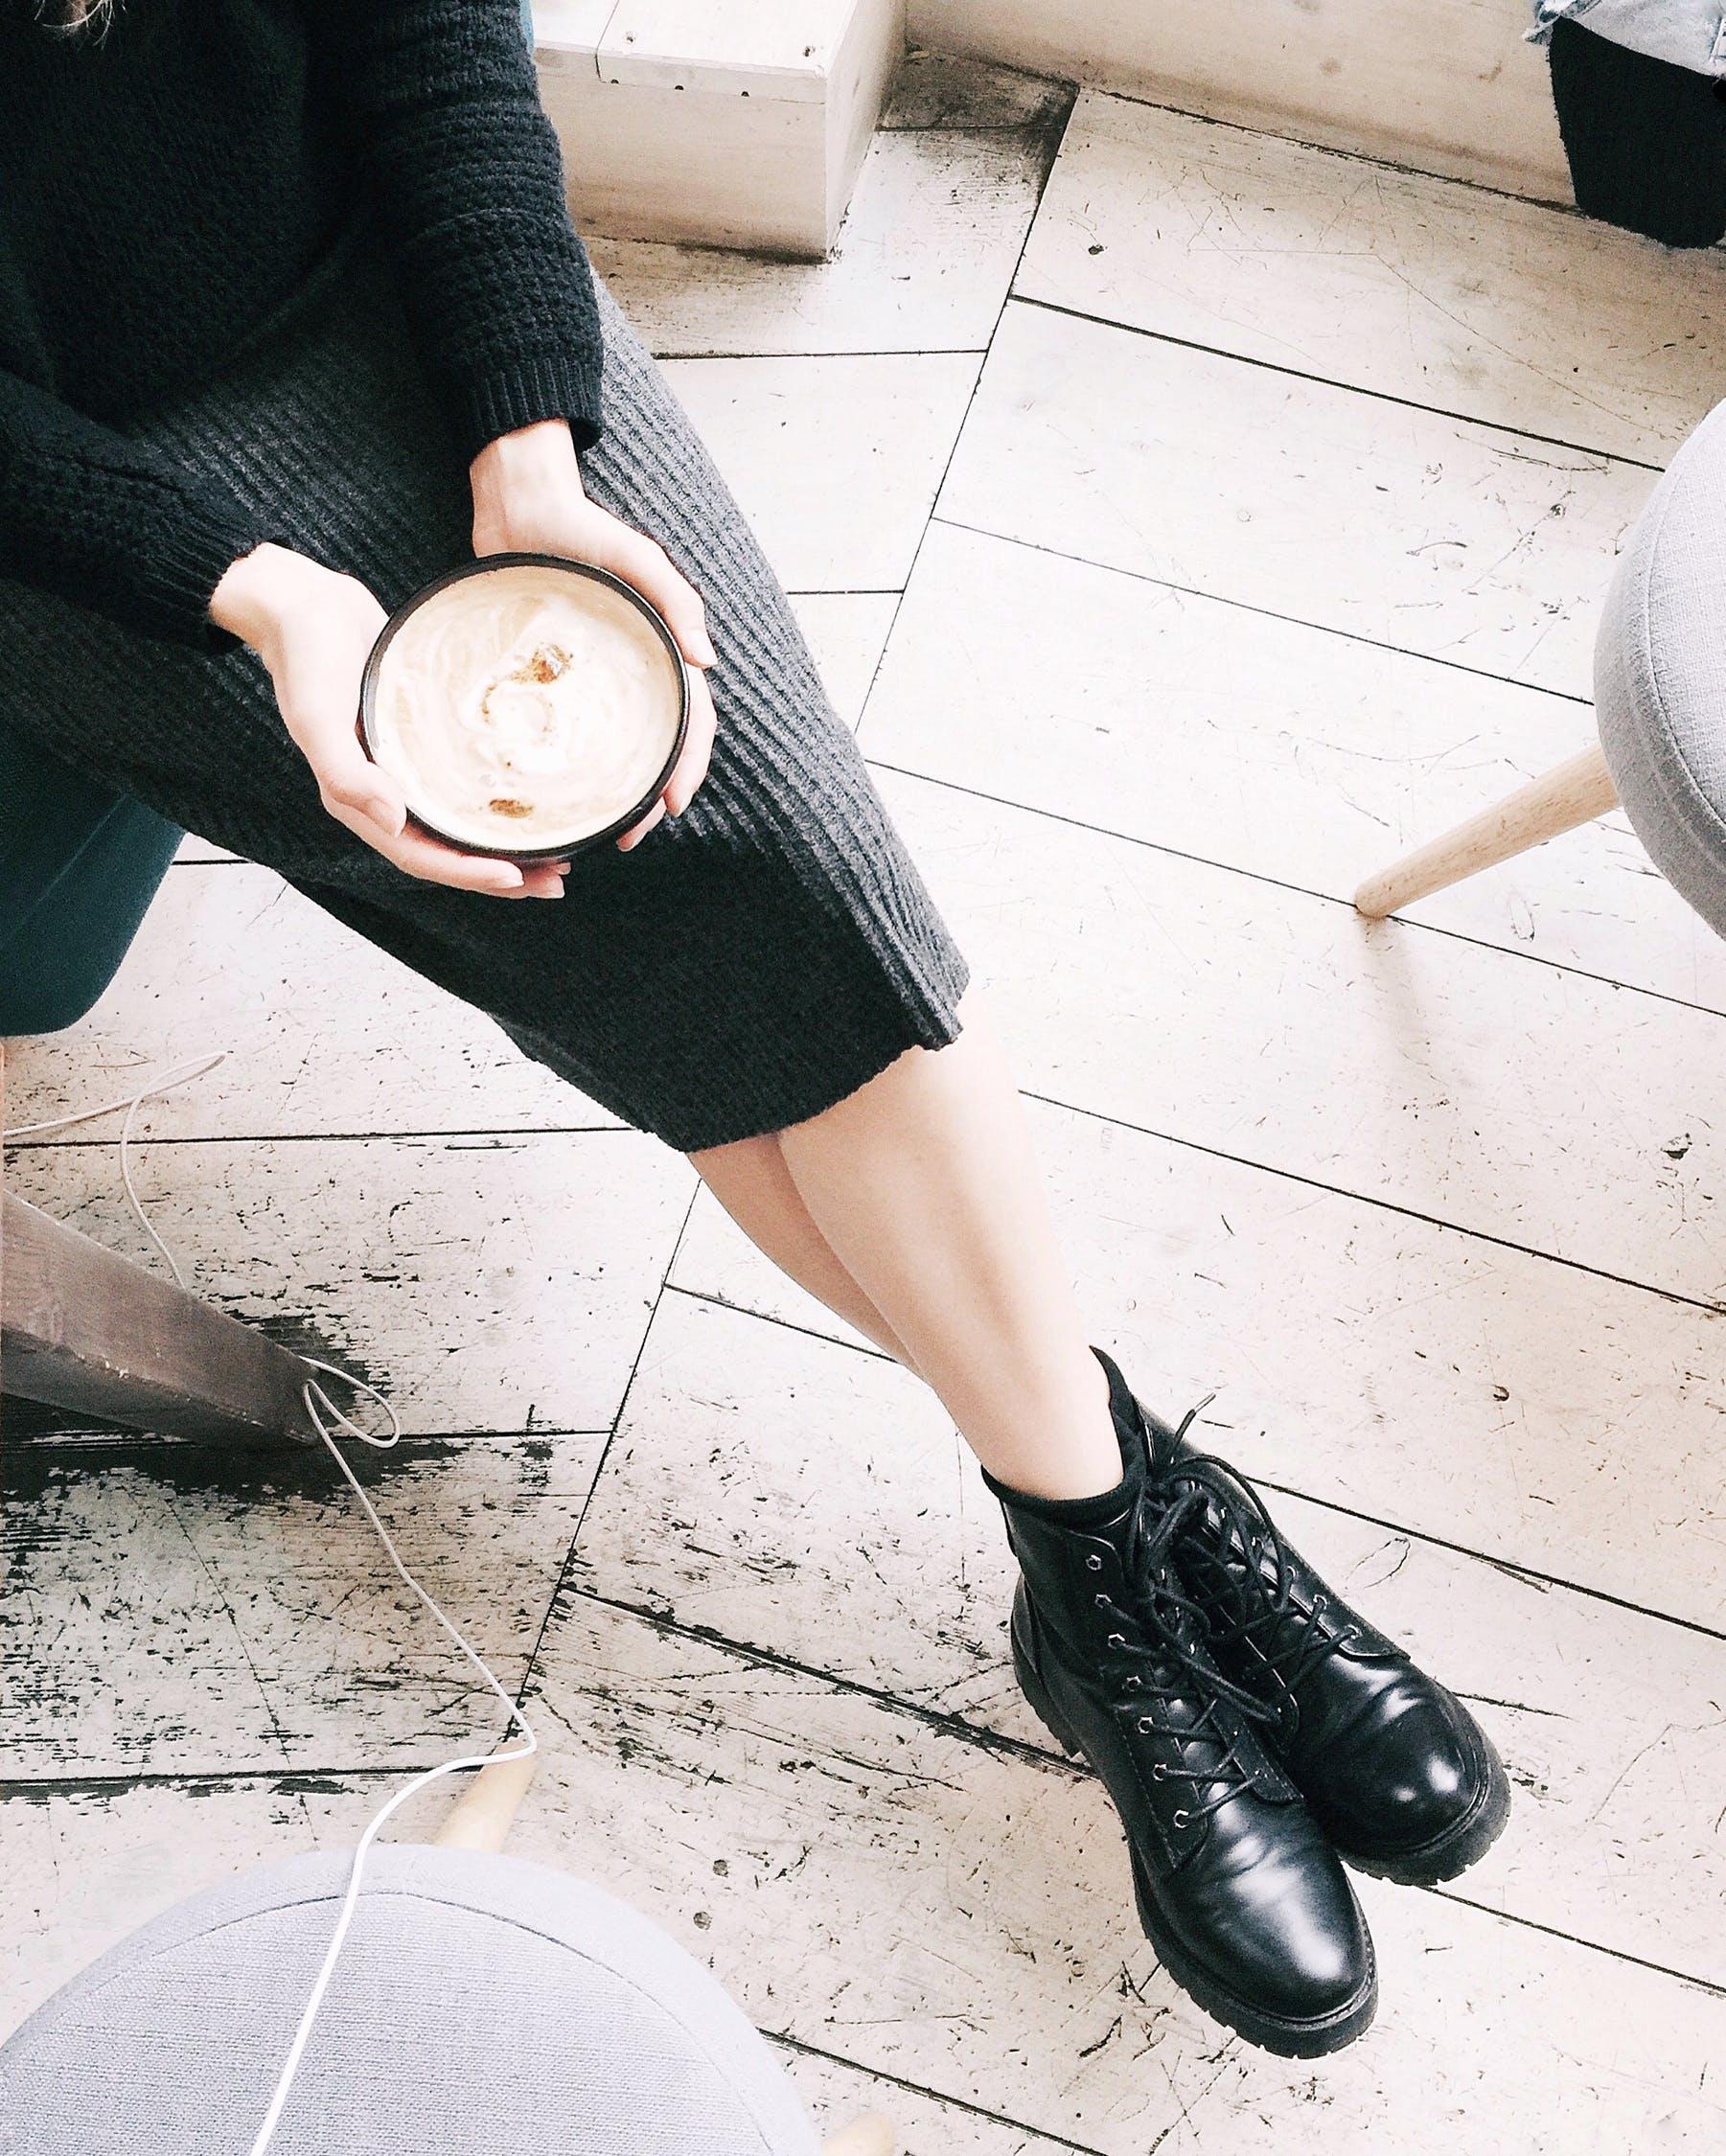 cách vệ sinh giày cô gái cầm ly cà phê mang giày boots da bóng cao cổ